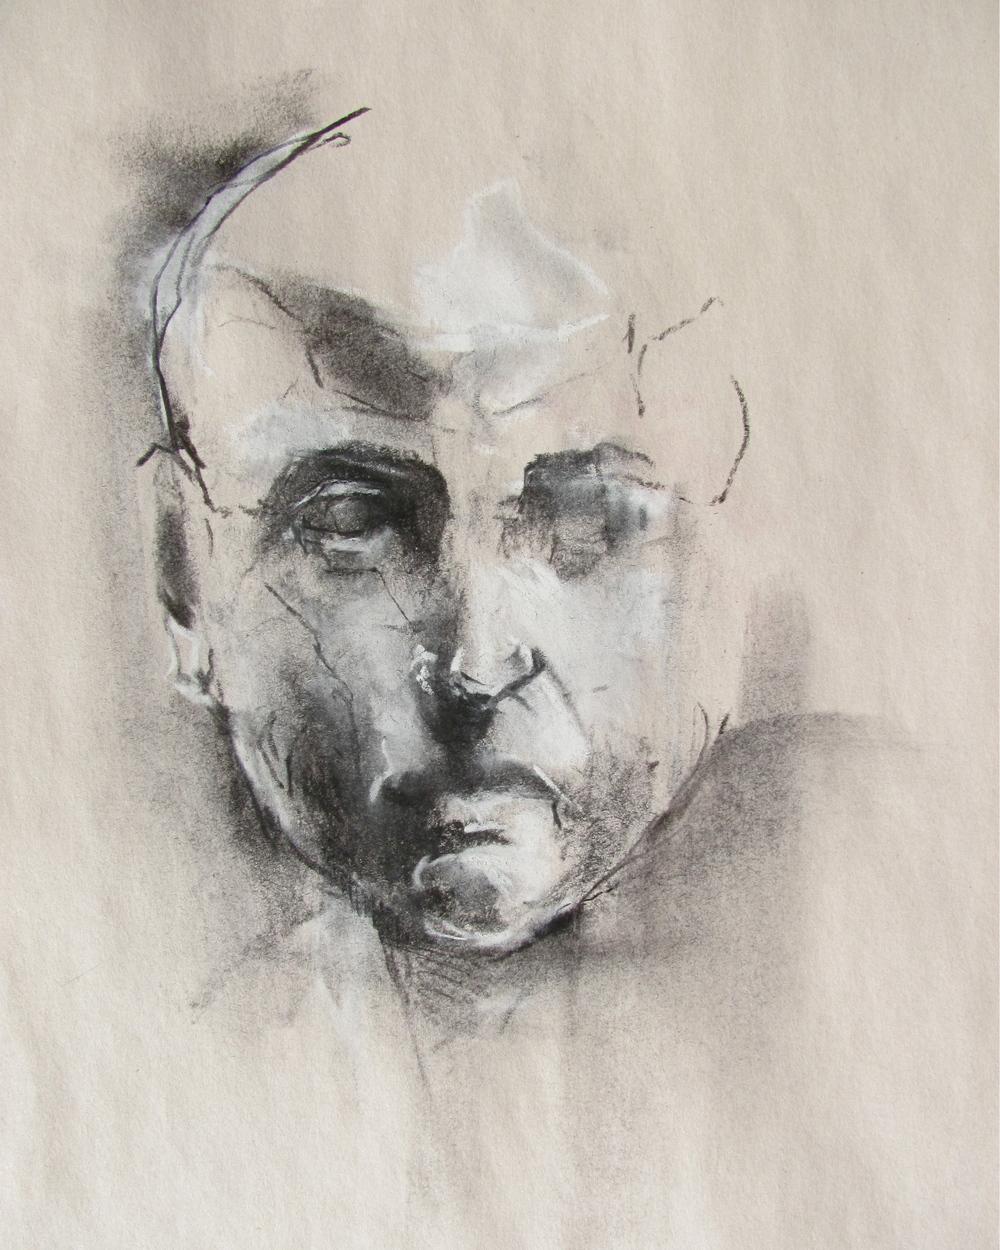 60th St. Portrait #18